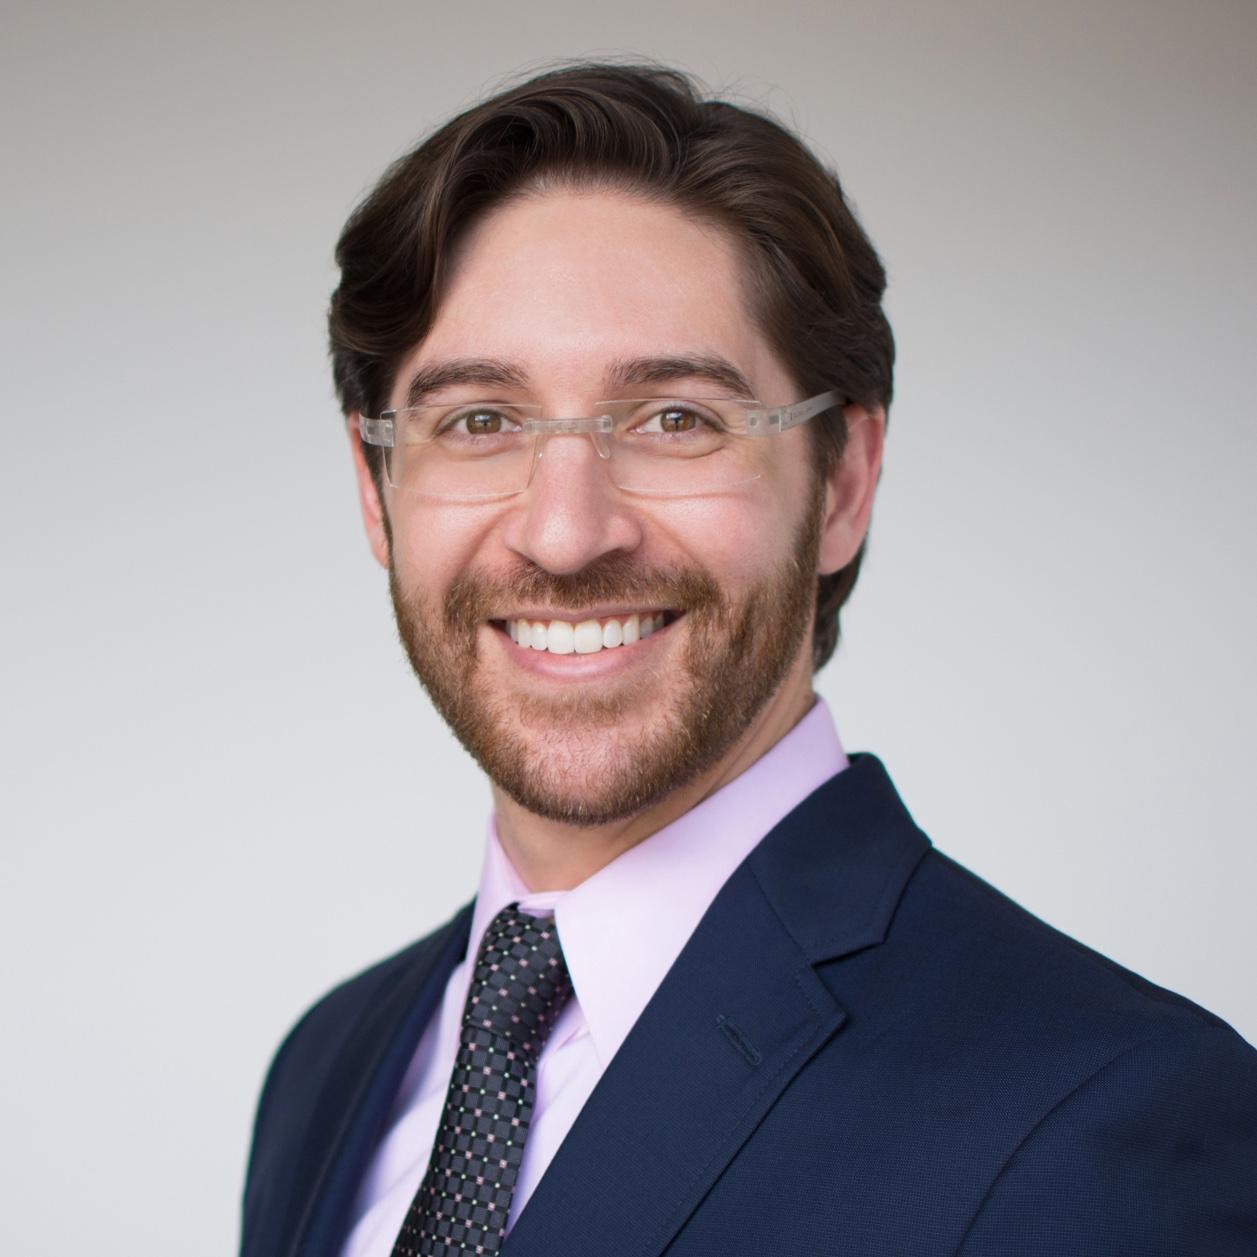 Dr. Evan D Grodin